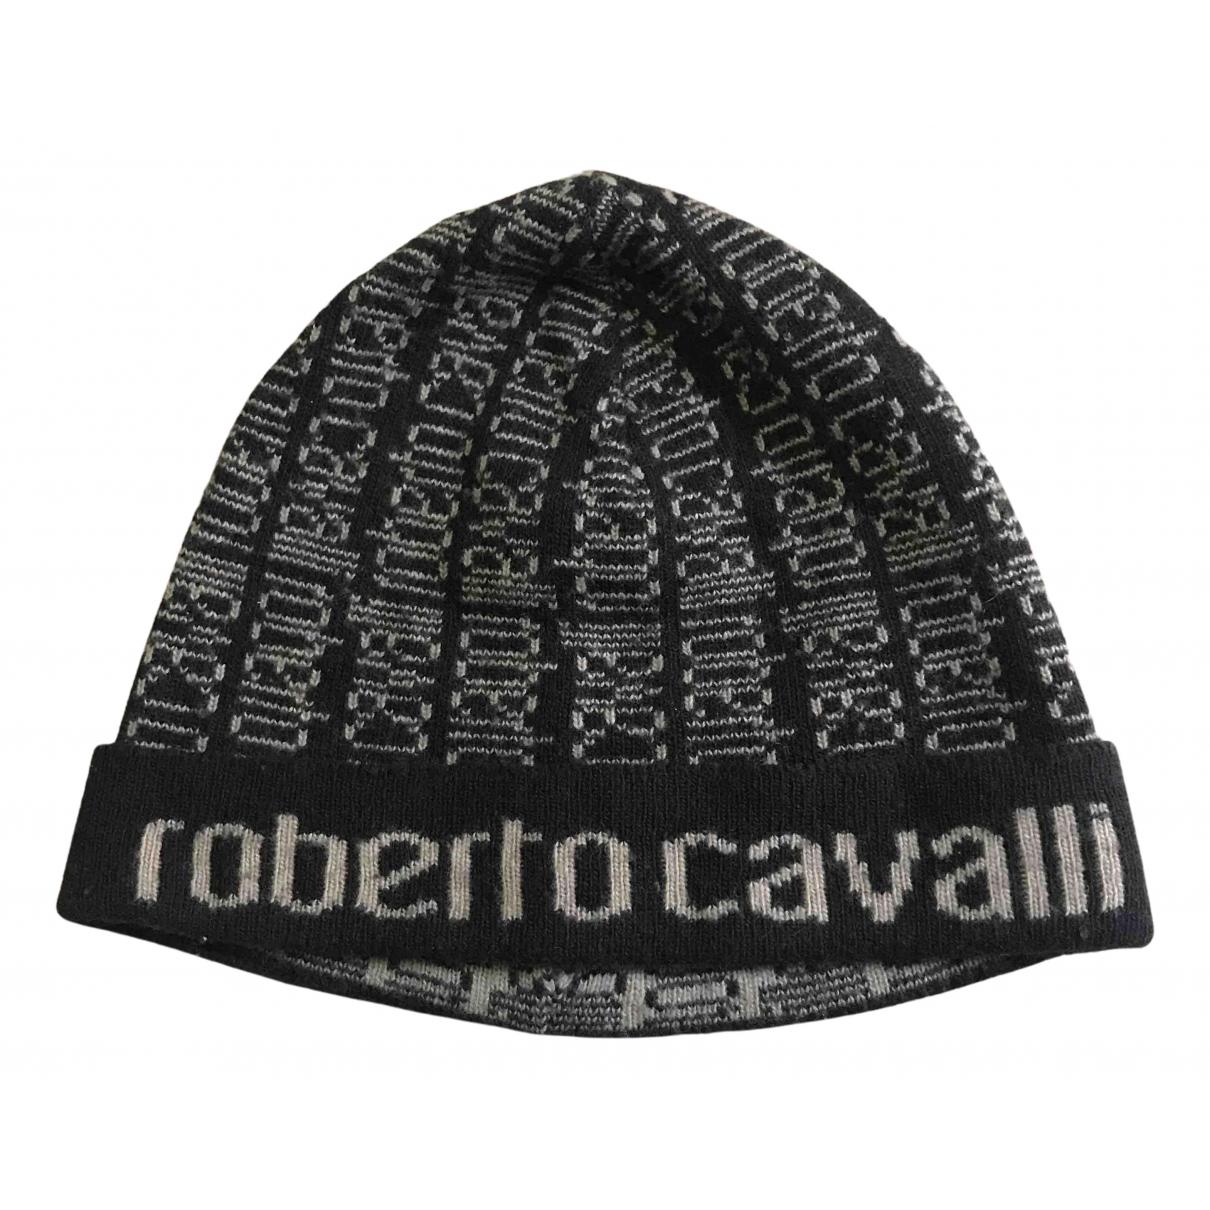 Roberto Cavalli \N Brown Wool hat & pull on hat for Men M International